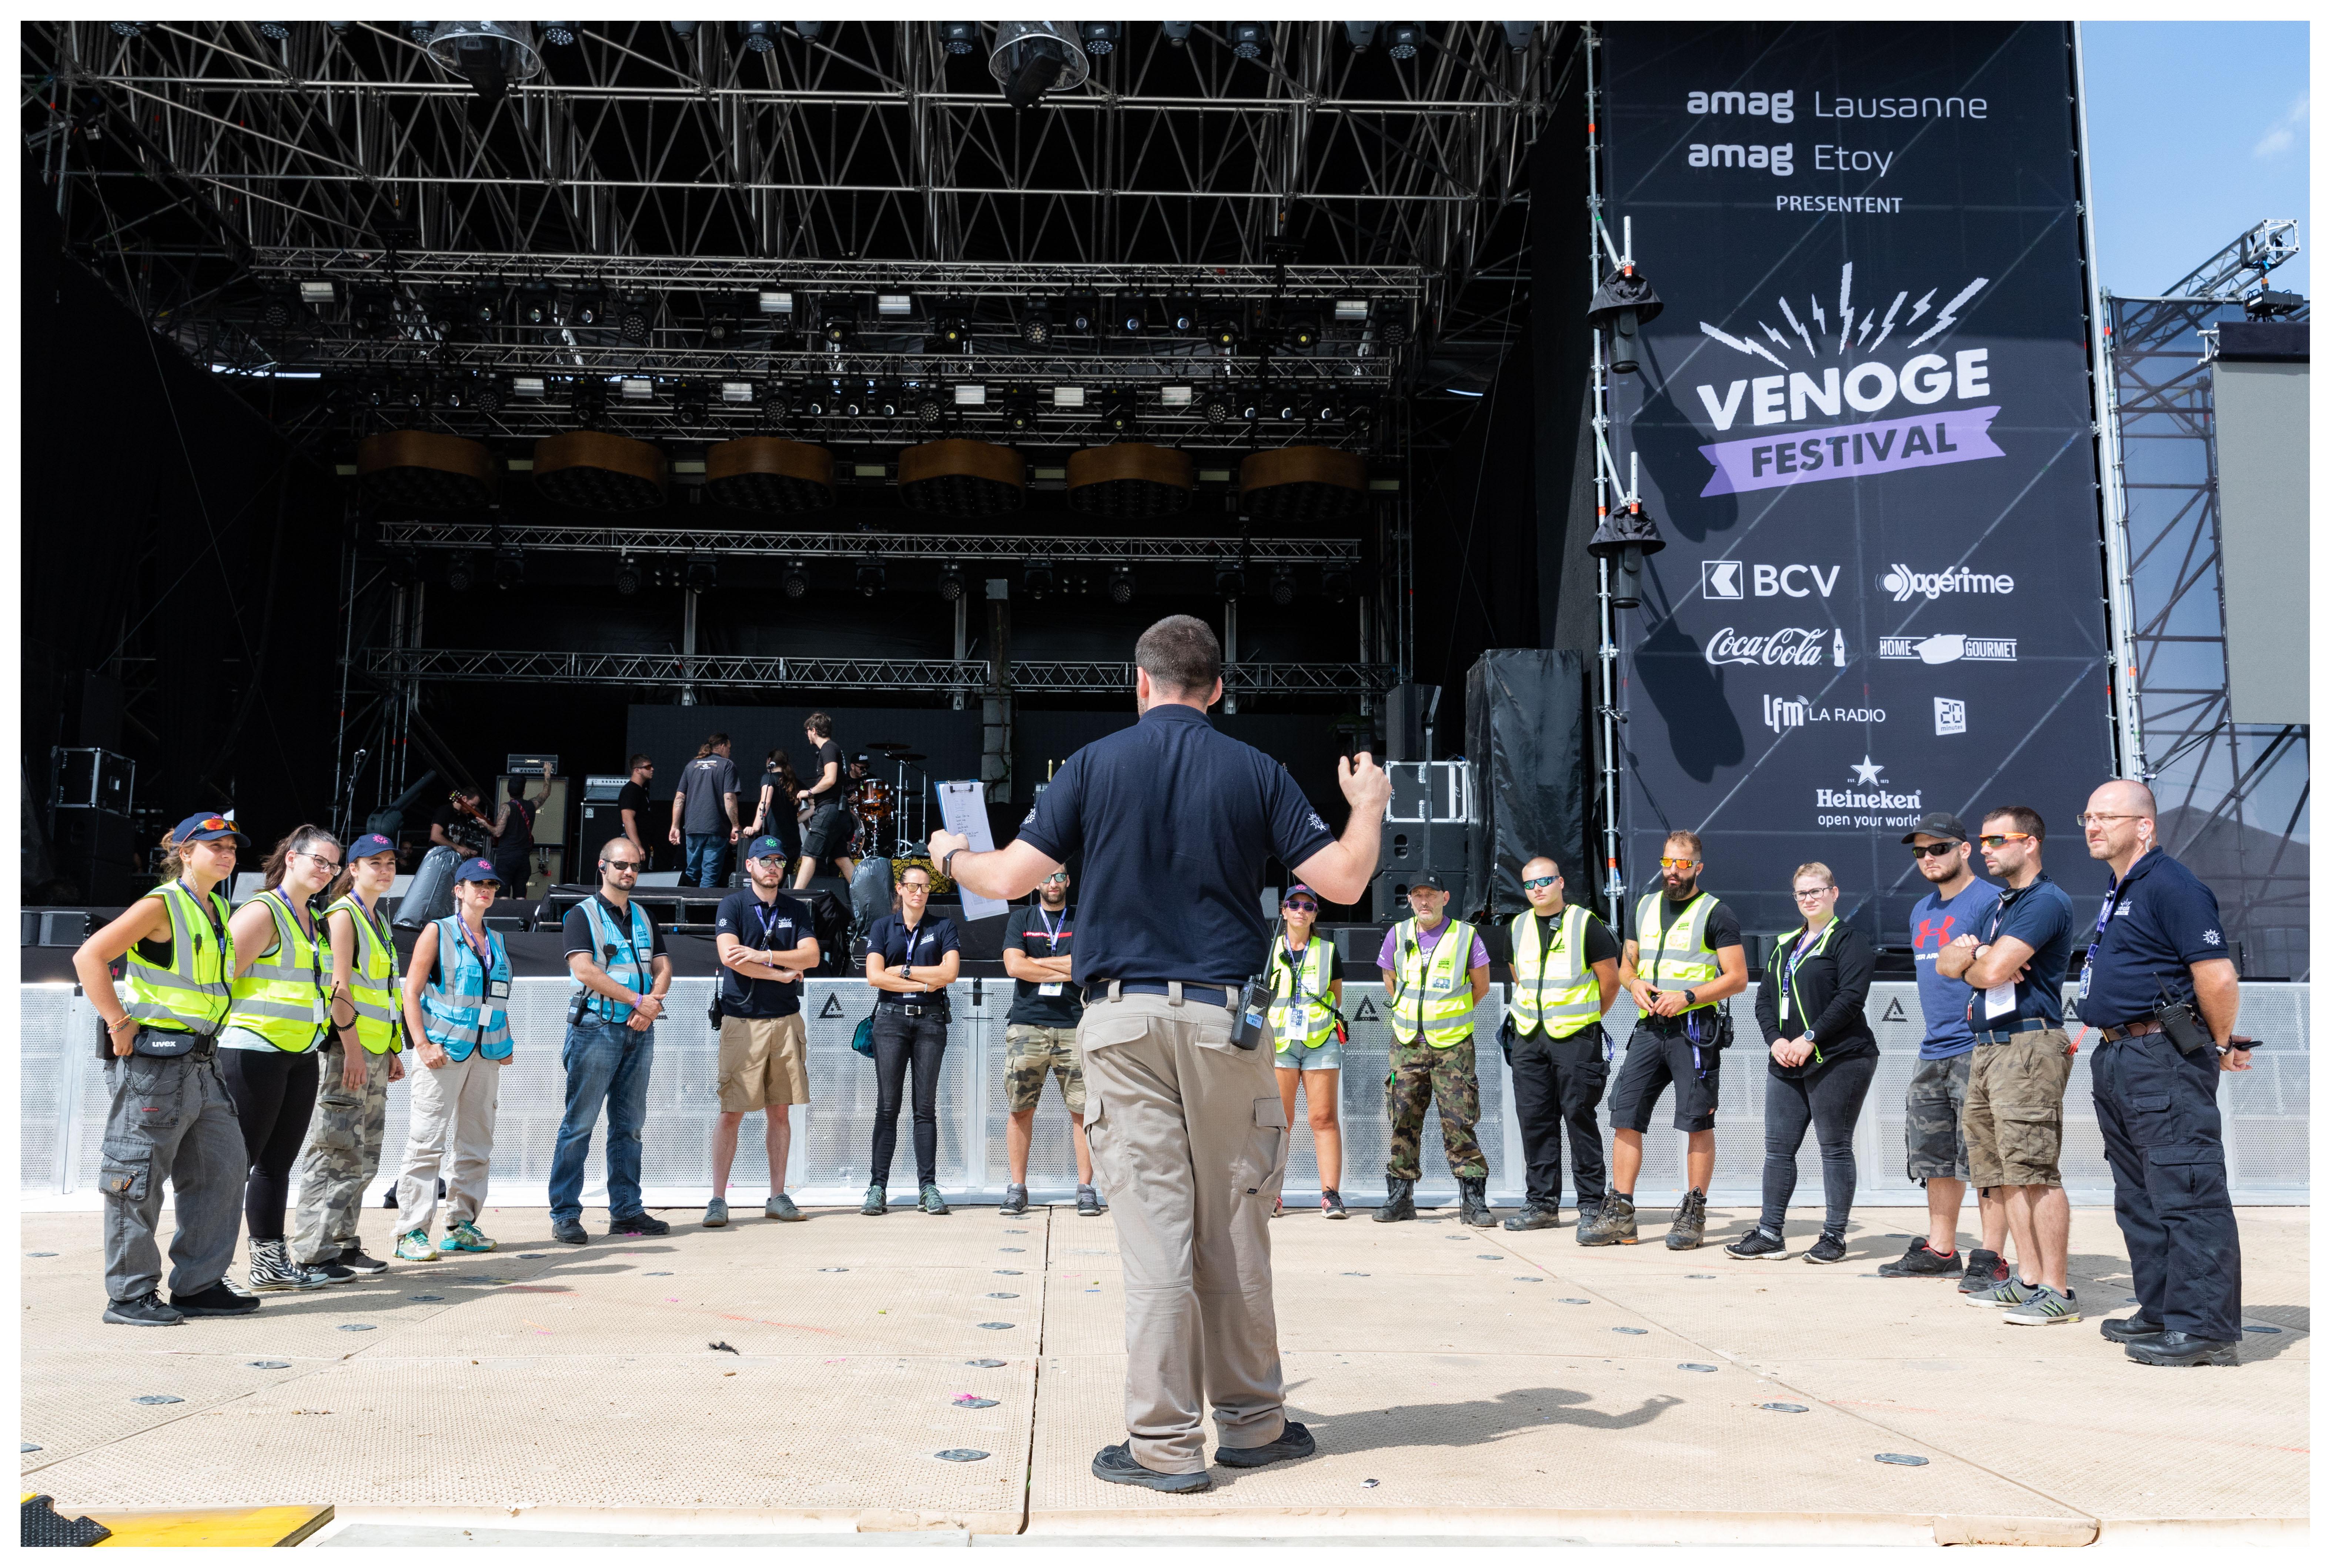 Venoge Festival – Une journée avec le responsable de la sécurité